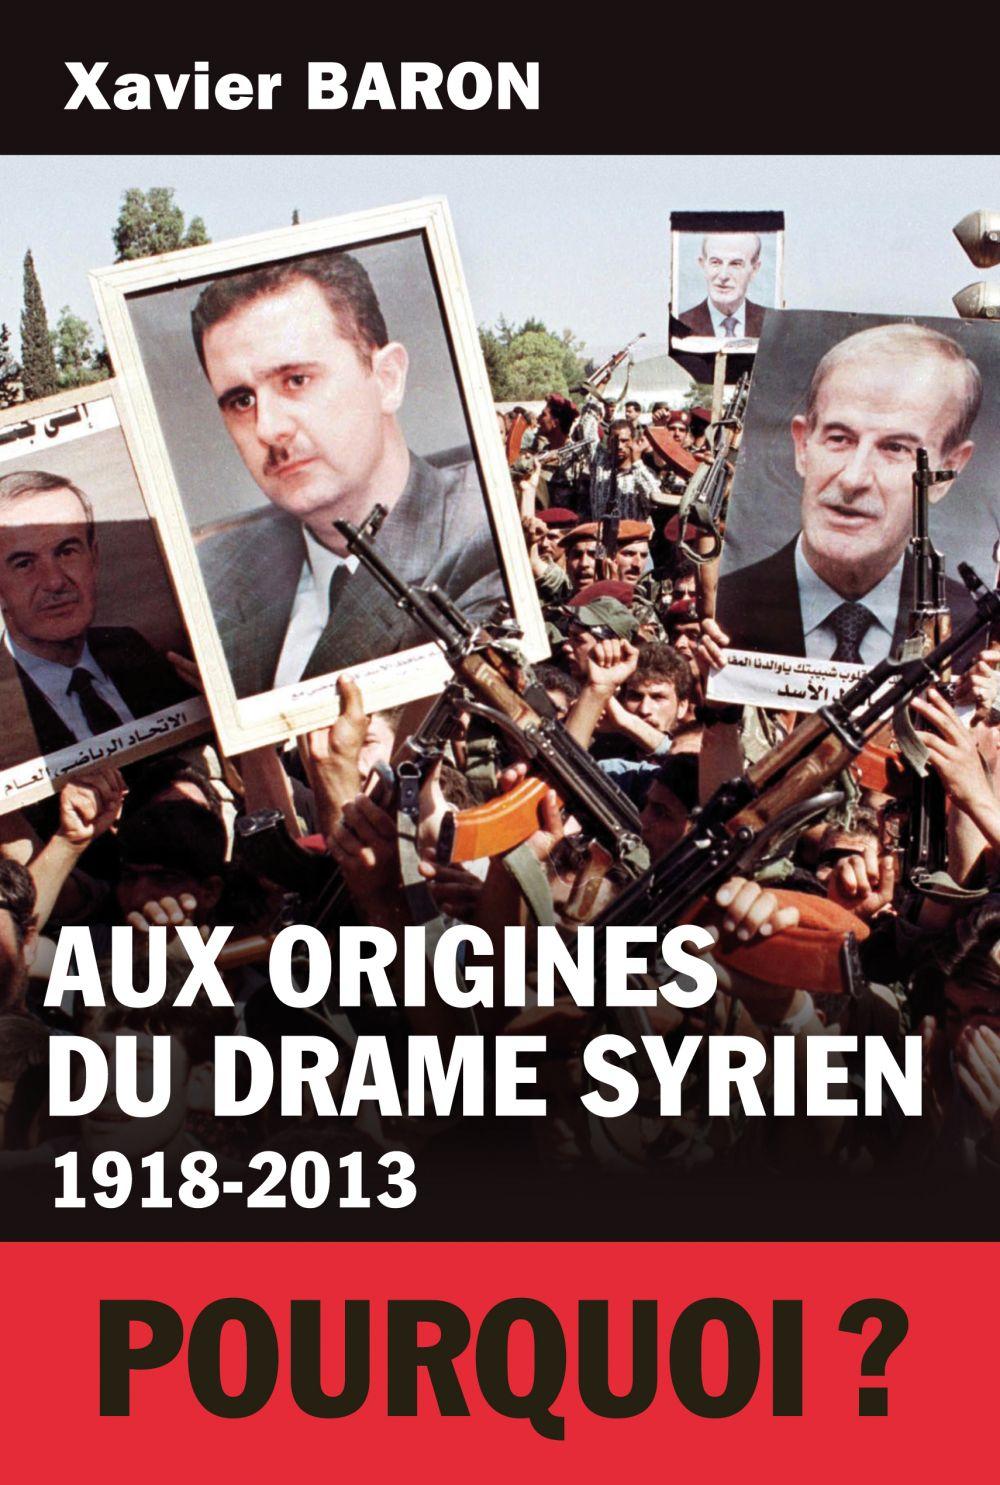 Xavier Baron Aux origines du drame syrien